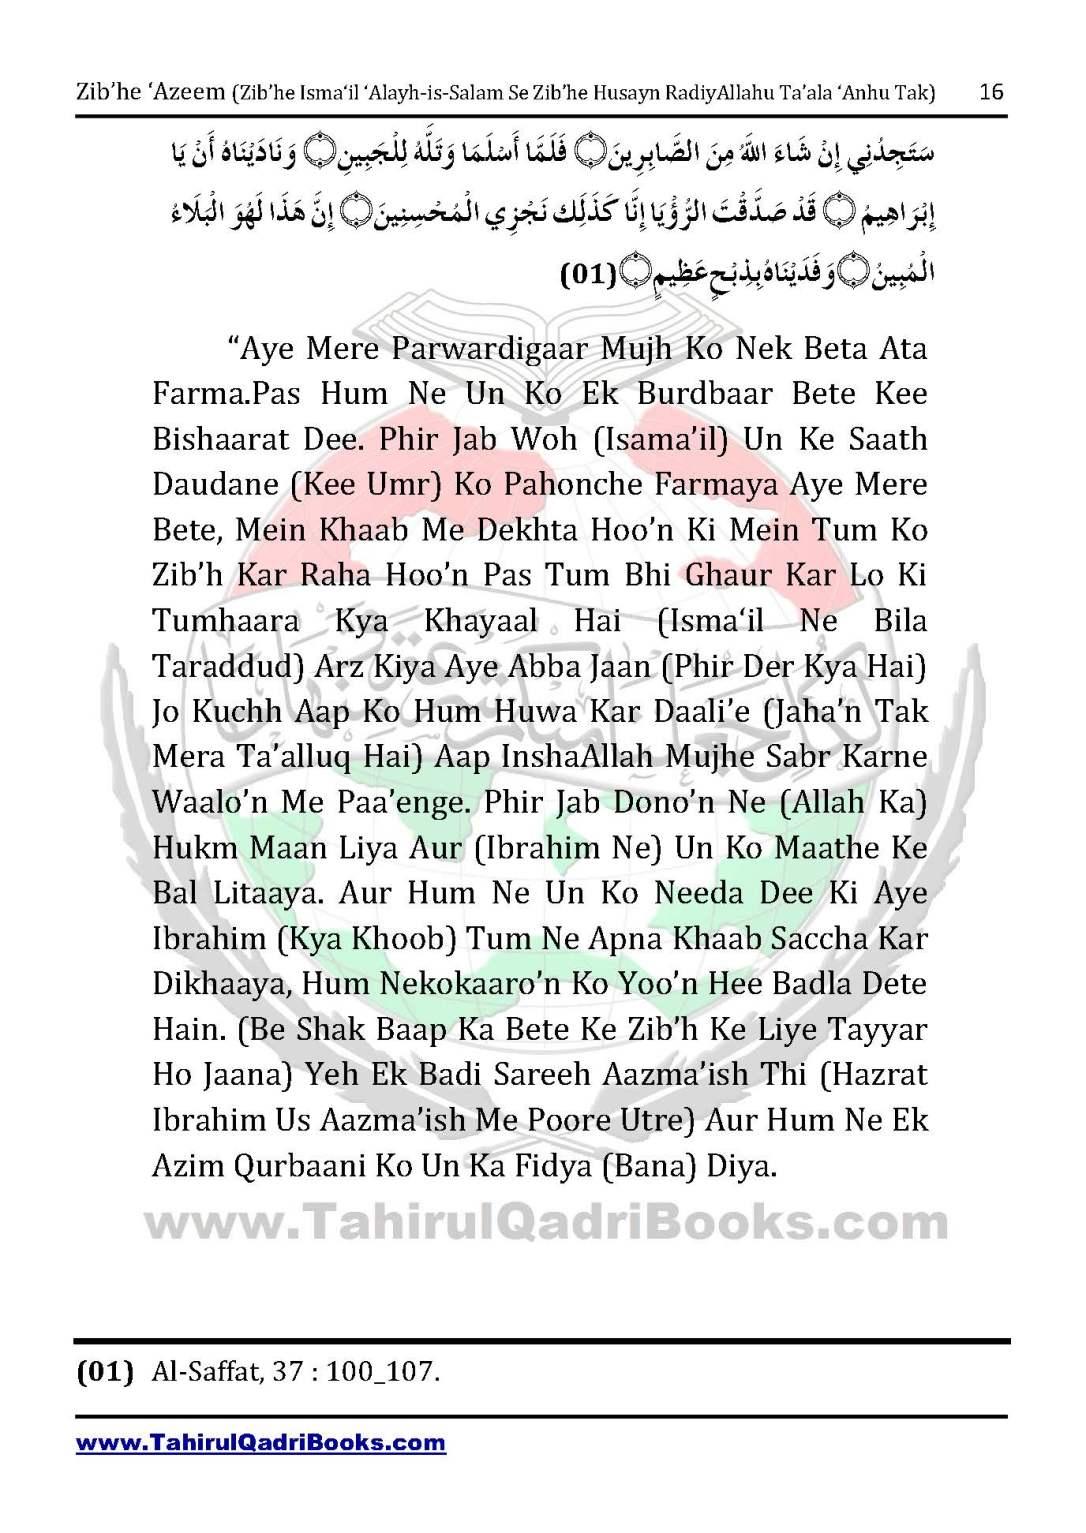 zib_he-e28098azeem-zib_he-ismacabbil-se-zib_he-husayn-tak-in-roman-urdu-unlocked_Page_016